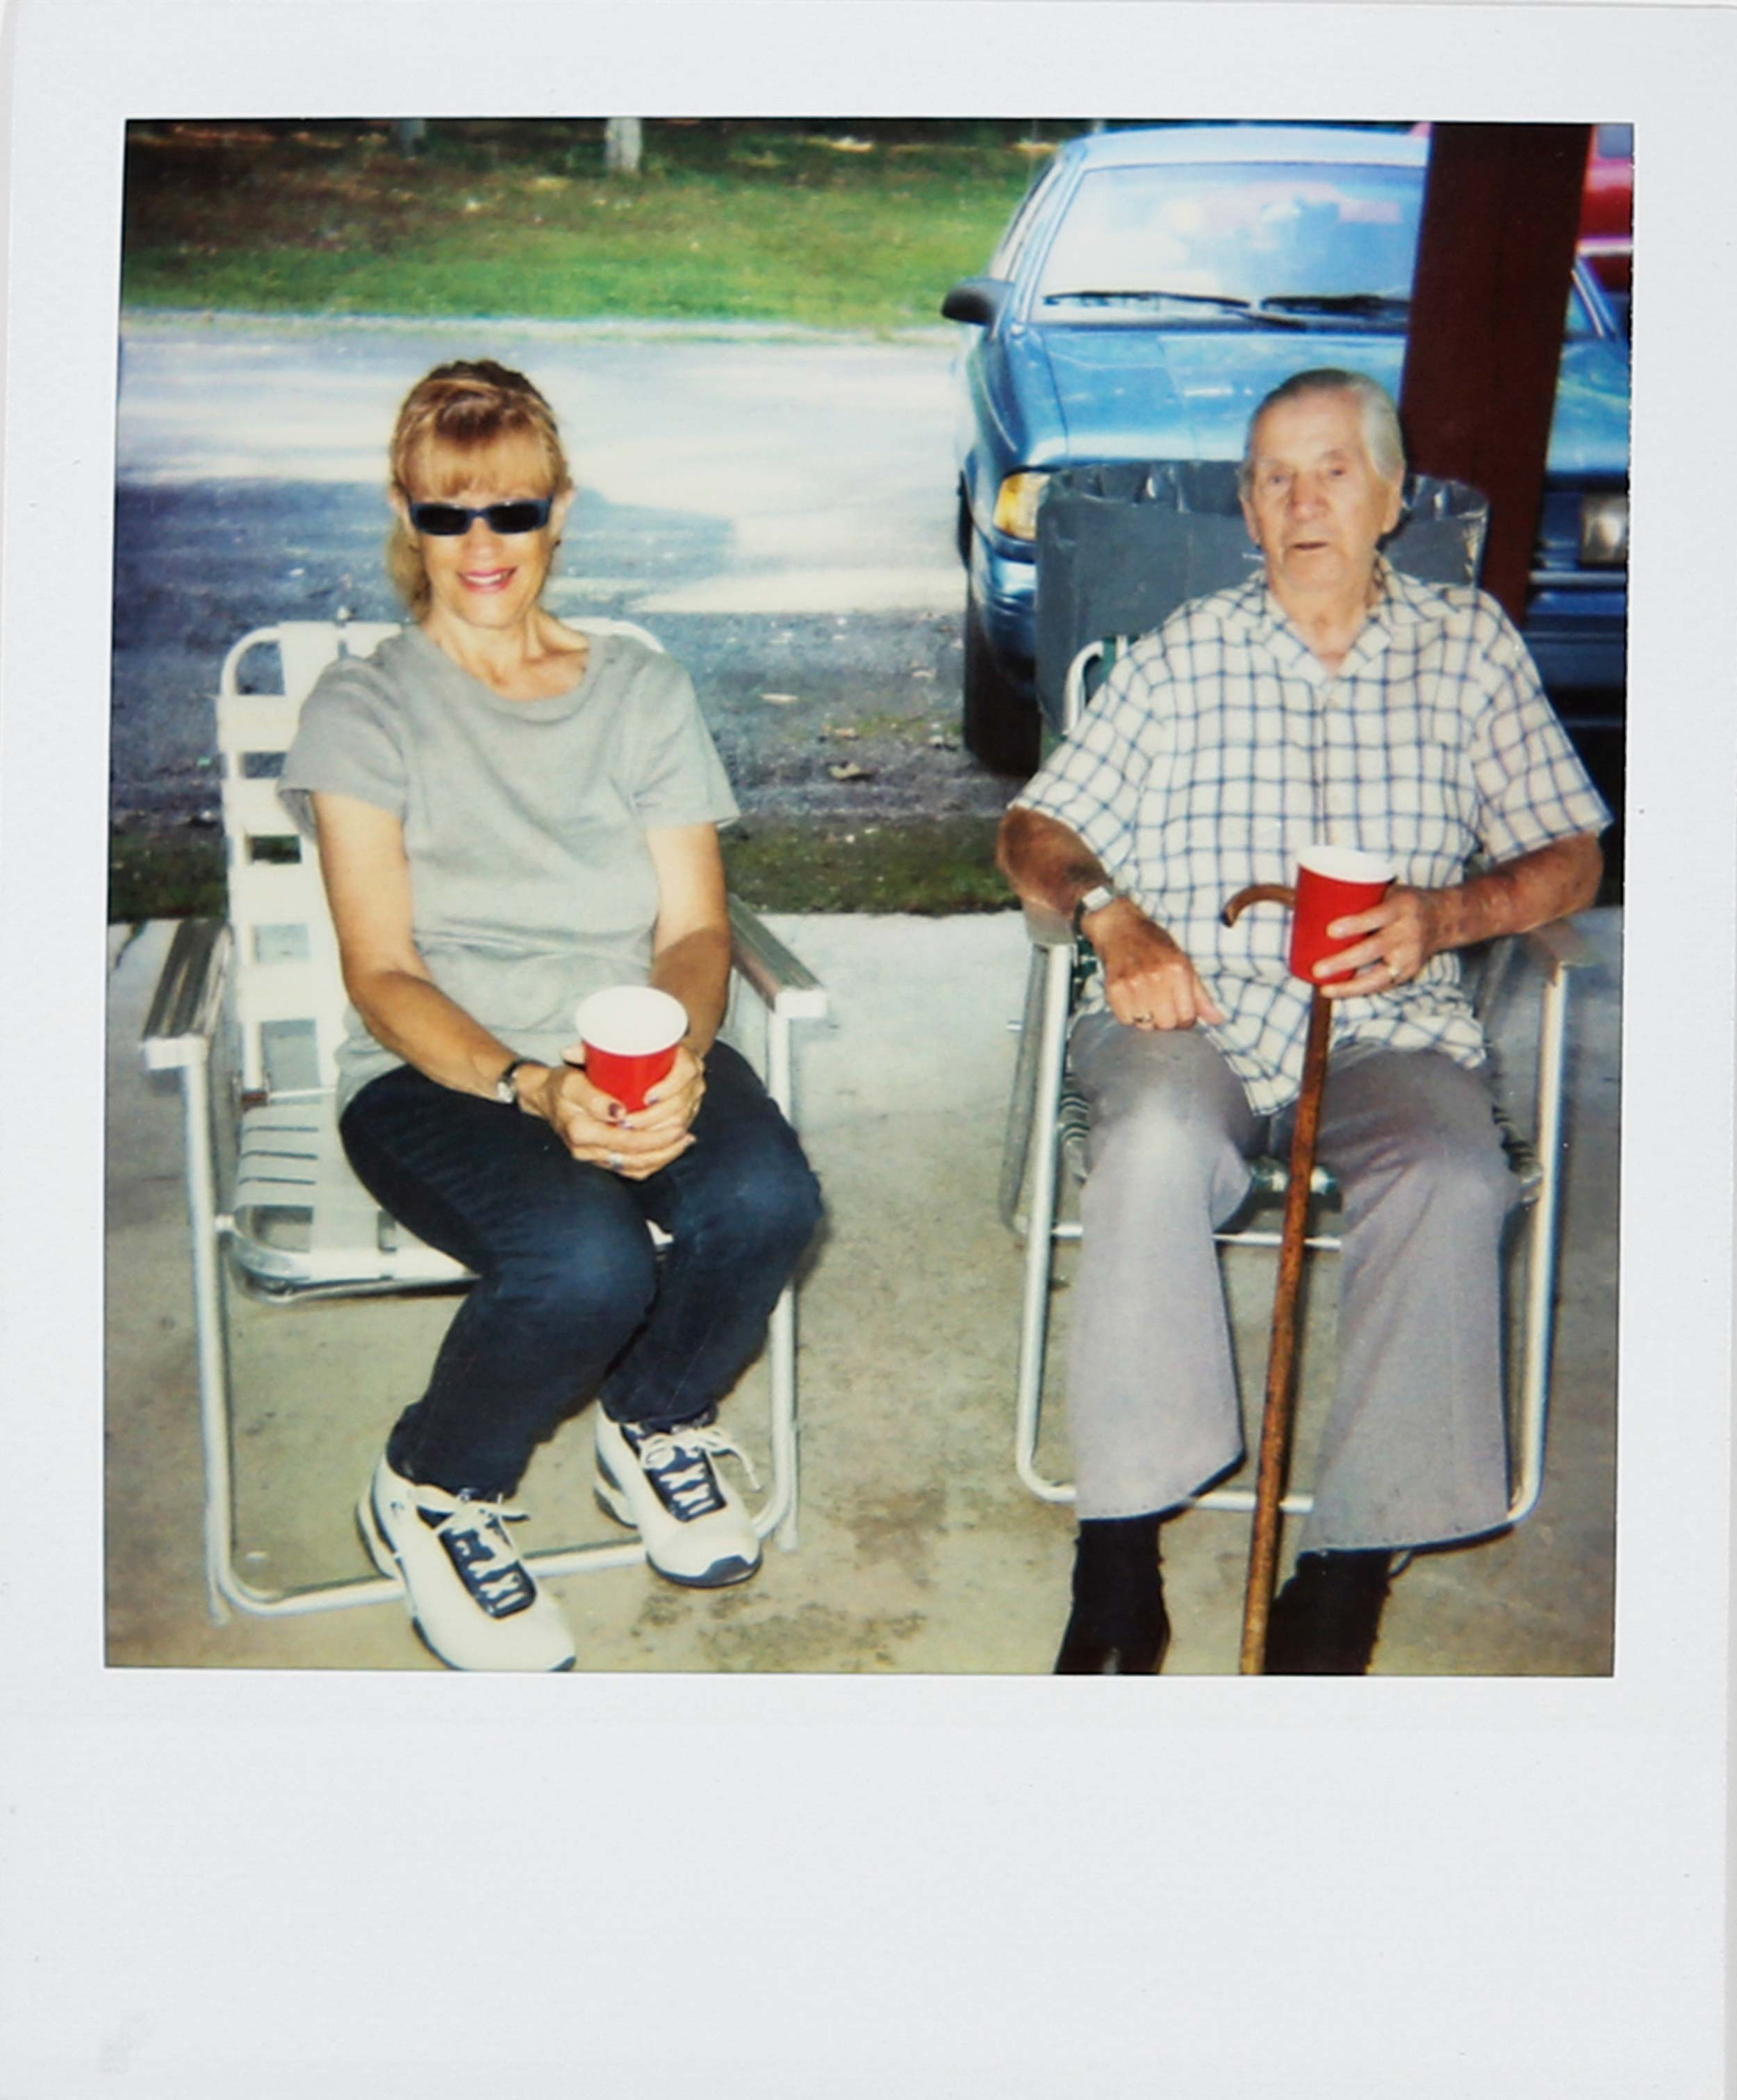 couple-5-1T4A7527.jpg